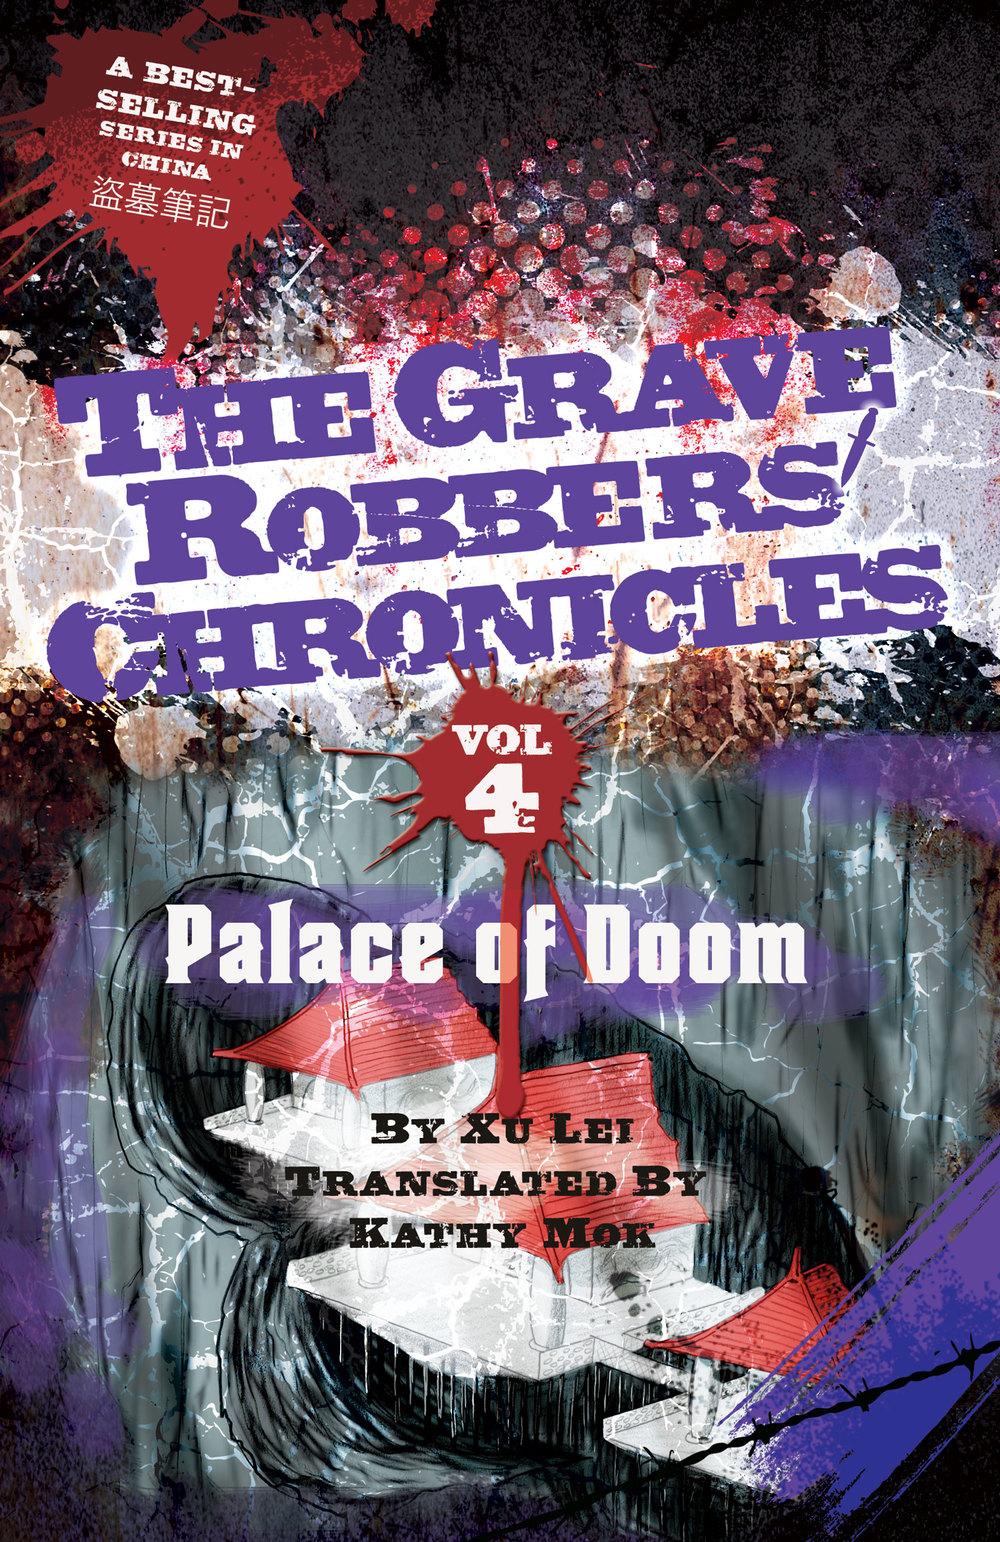 Vol. 4: Palace of Doom